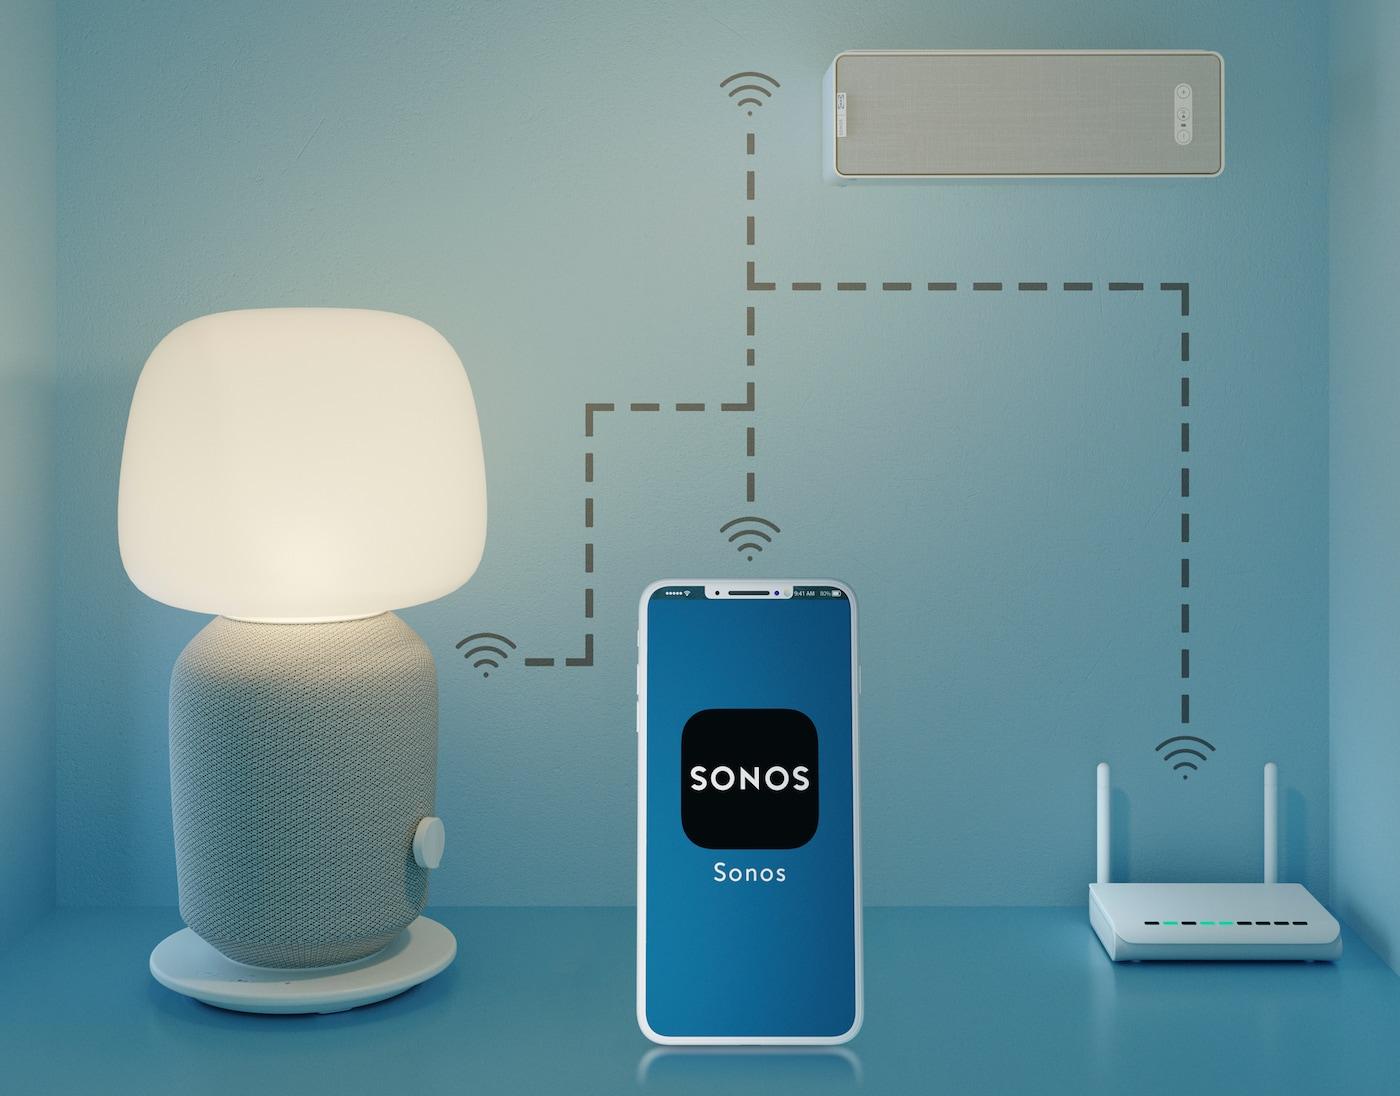 Resum que mostra les connexions sense fil entre l'aplicació Sonos, el llum de taula amb altaveu wifi i l'altaveu per a llibreria SYMFONISK.